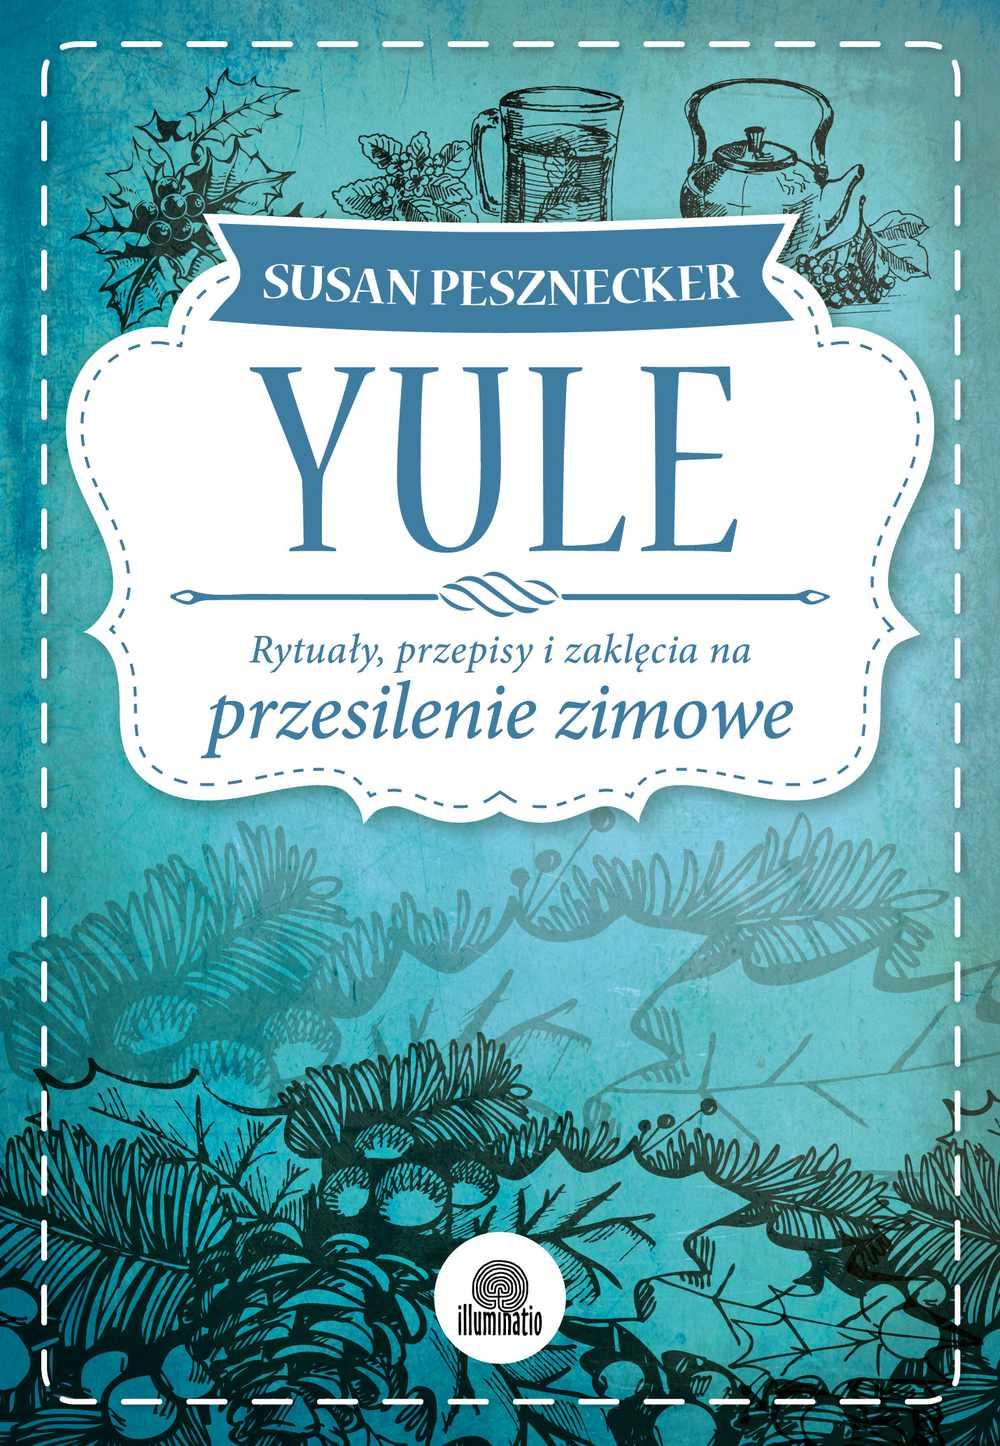 Yule. Rytuały, przepisy i zaklęcia na przesilenie zimowe - Ebook (Książka na Kindle) do pobrania w formacie MOBI